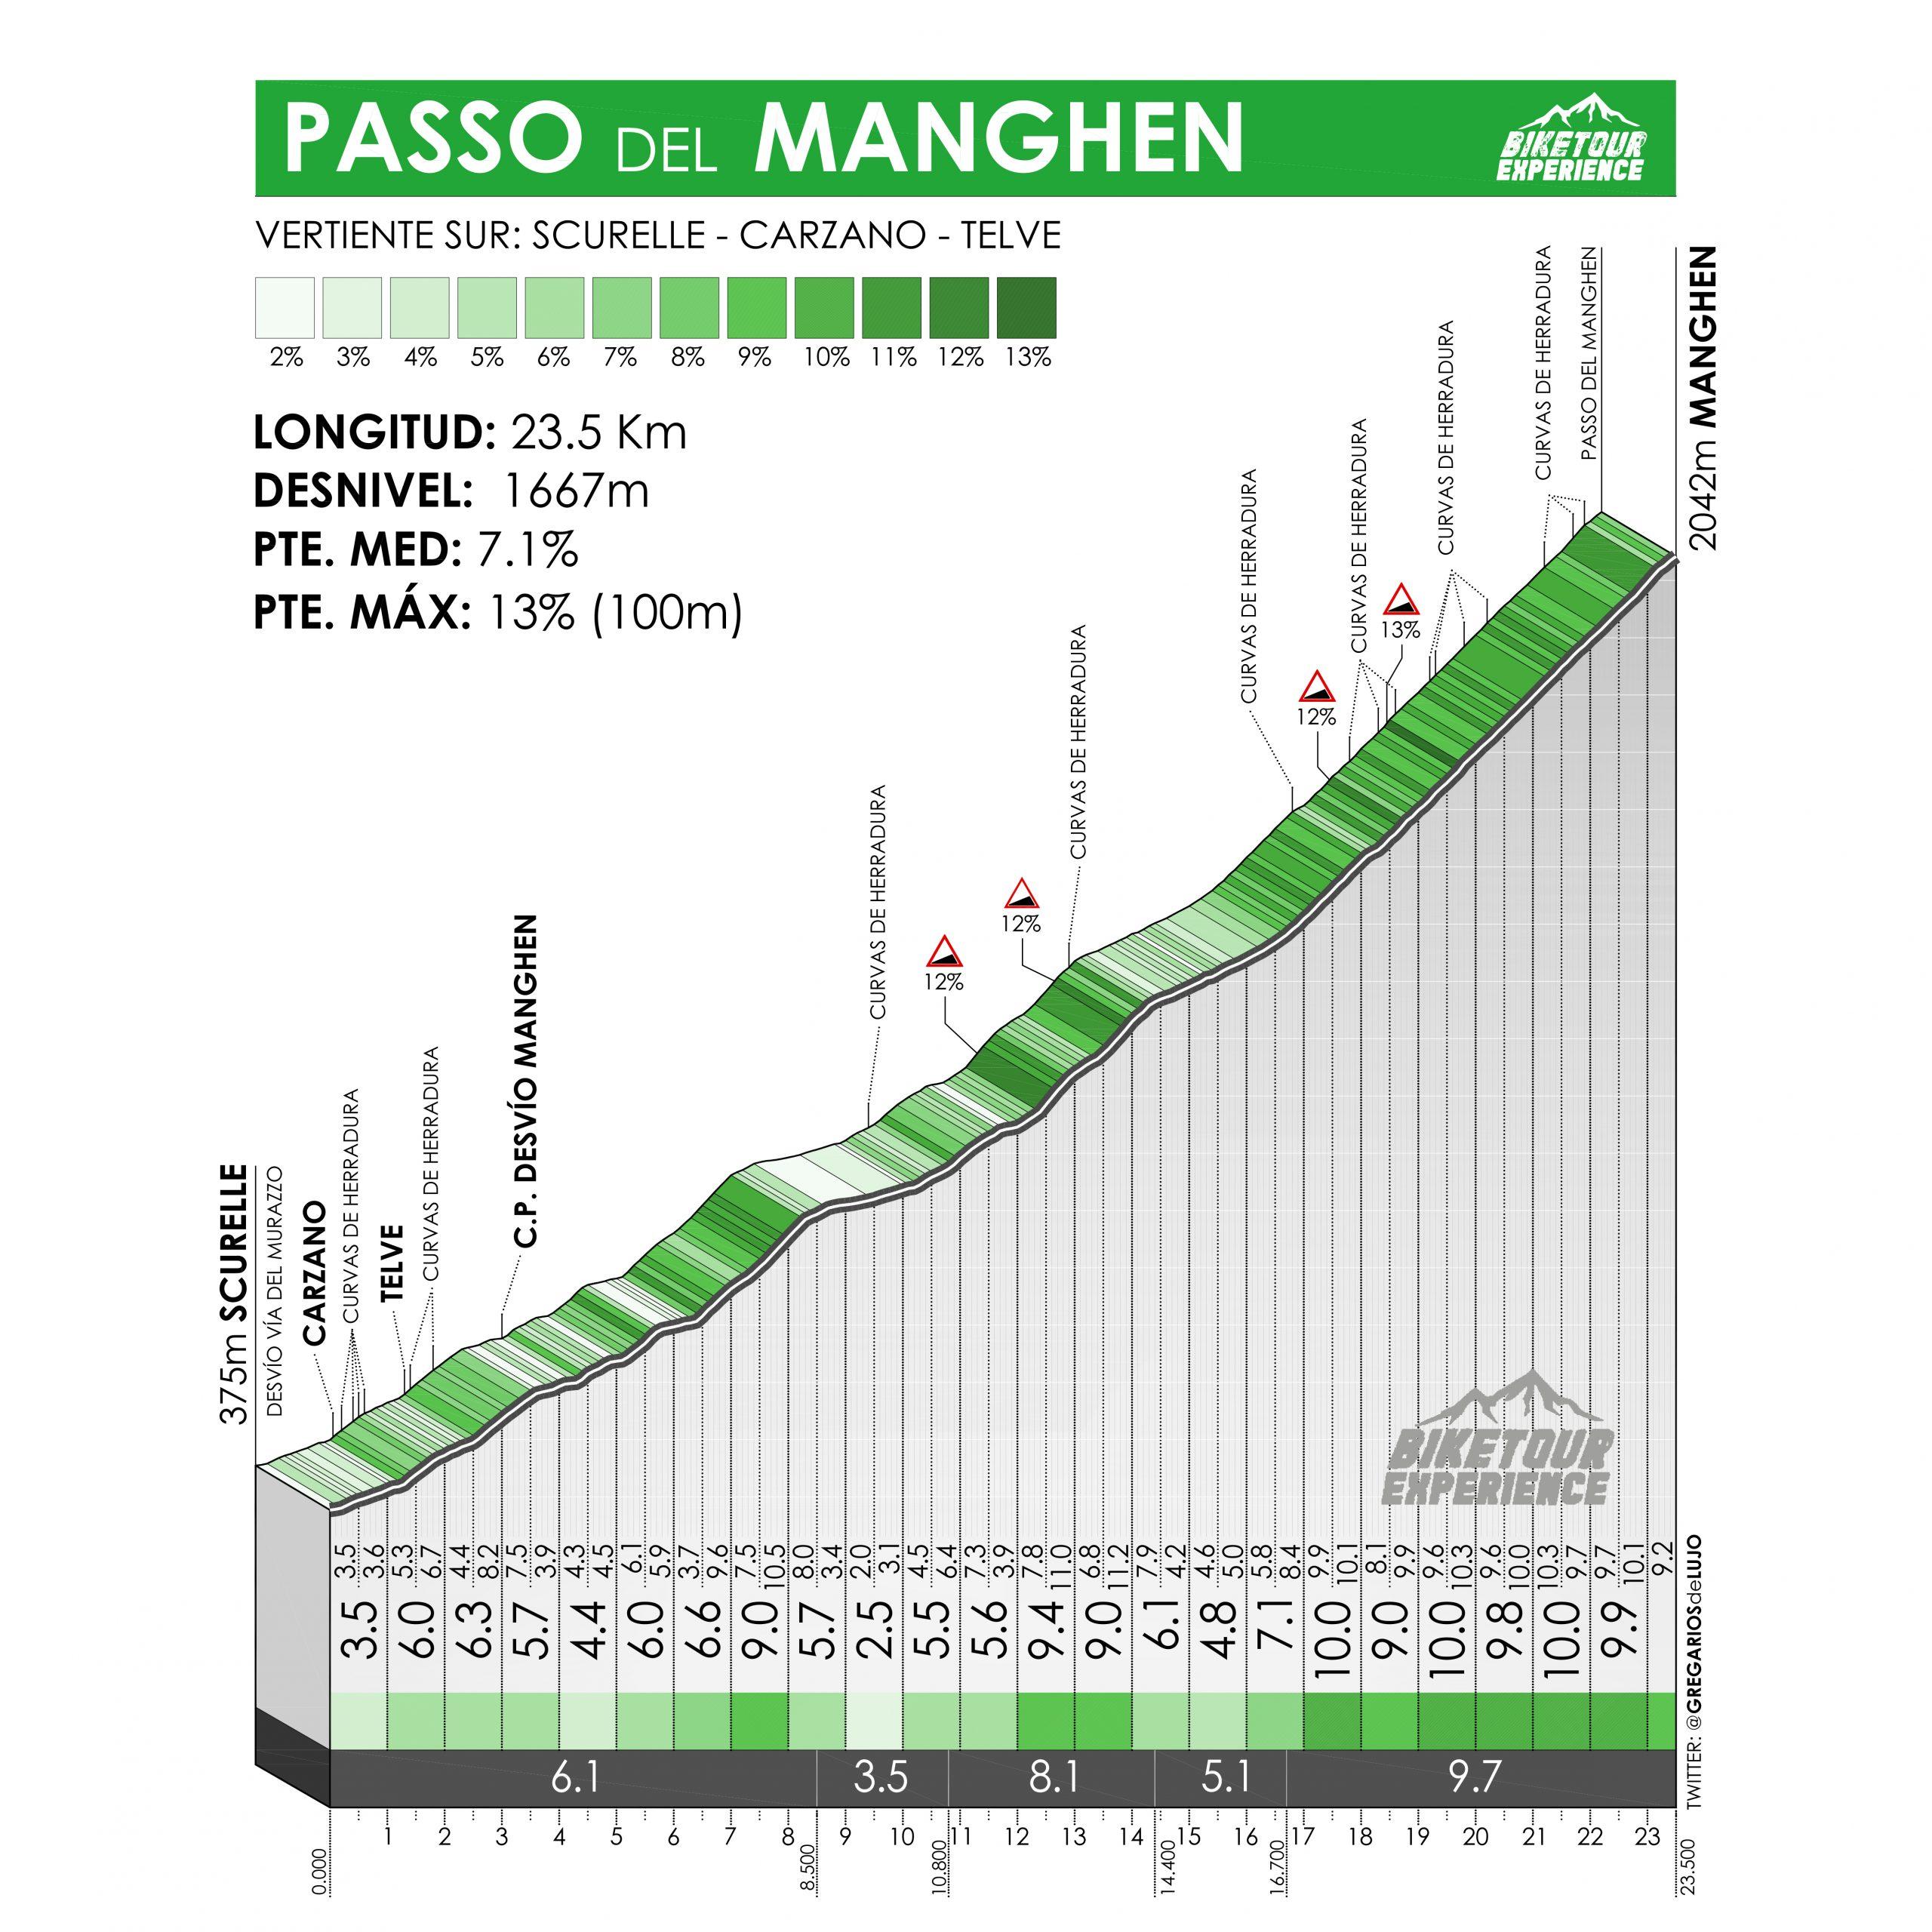 Altimetría Passo Manghen